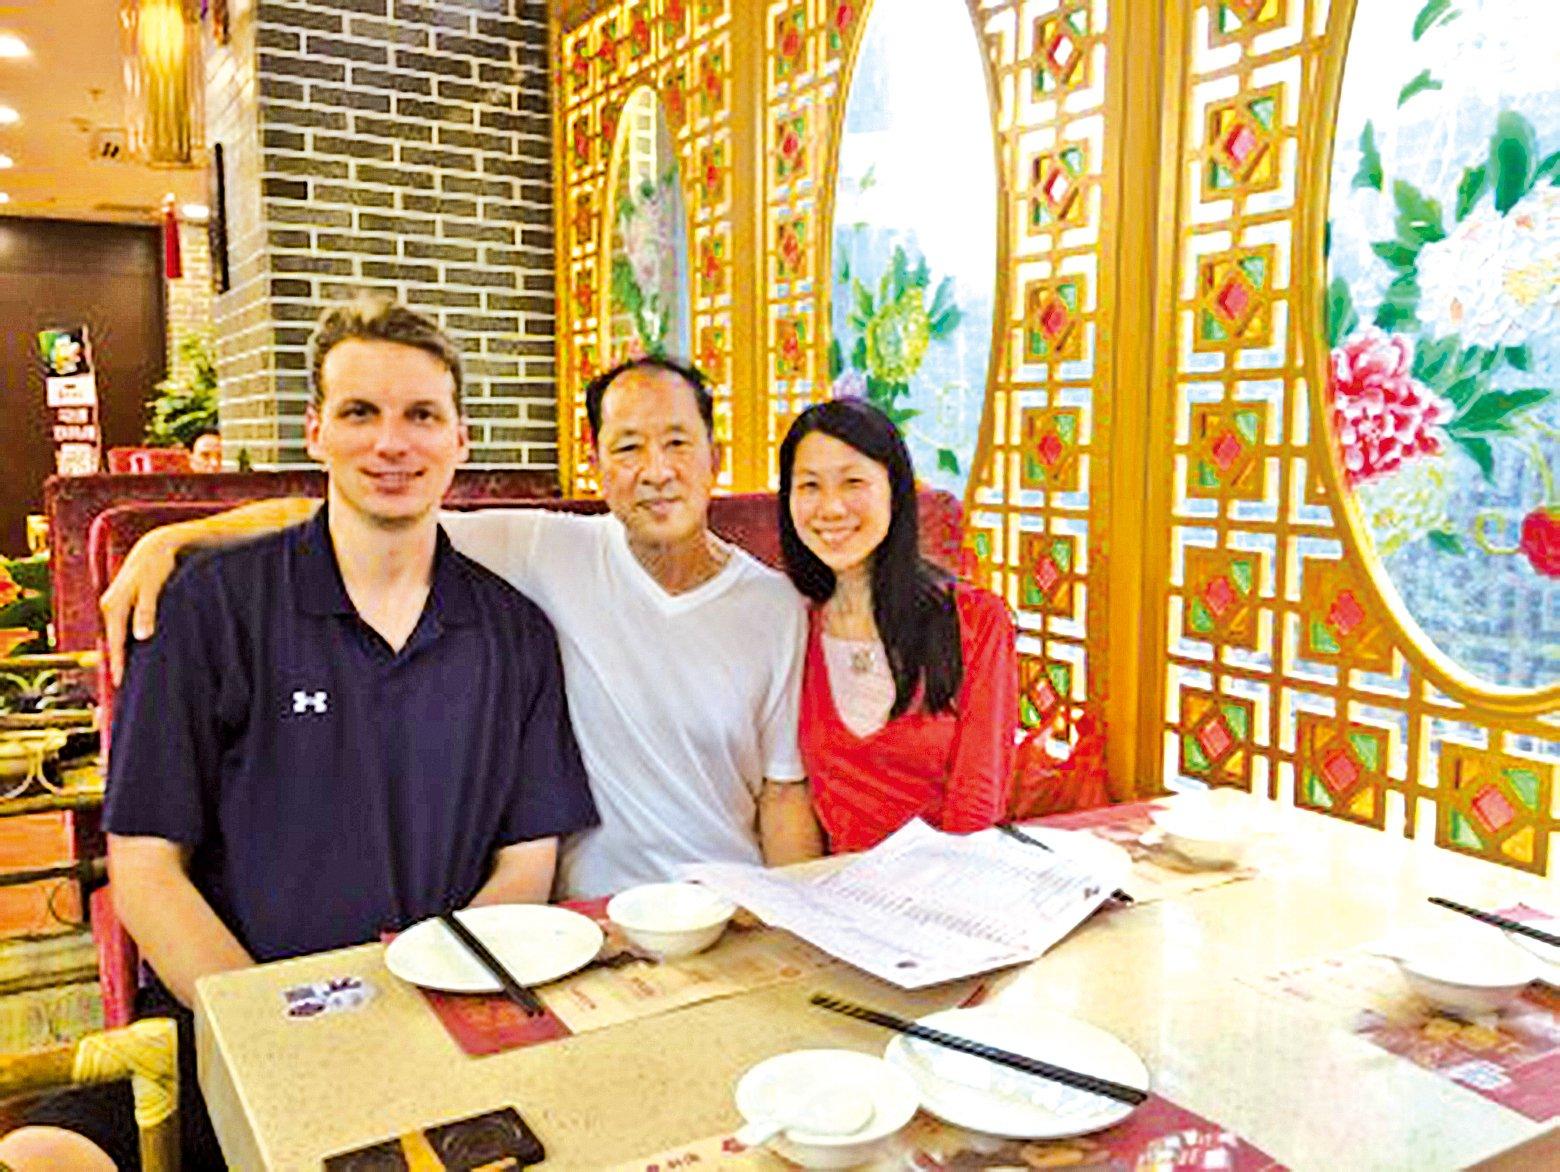 王曉丹(右)18歲離開父親王治文(中),18年後才與父親在中國重逢,可重逢是那麼短暫。左一為王曉丹丈夫傑夫。(王曉丹提供)